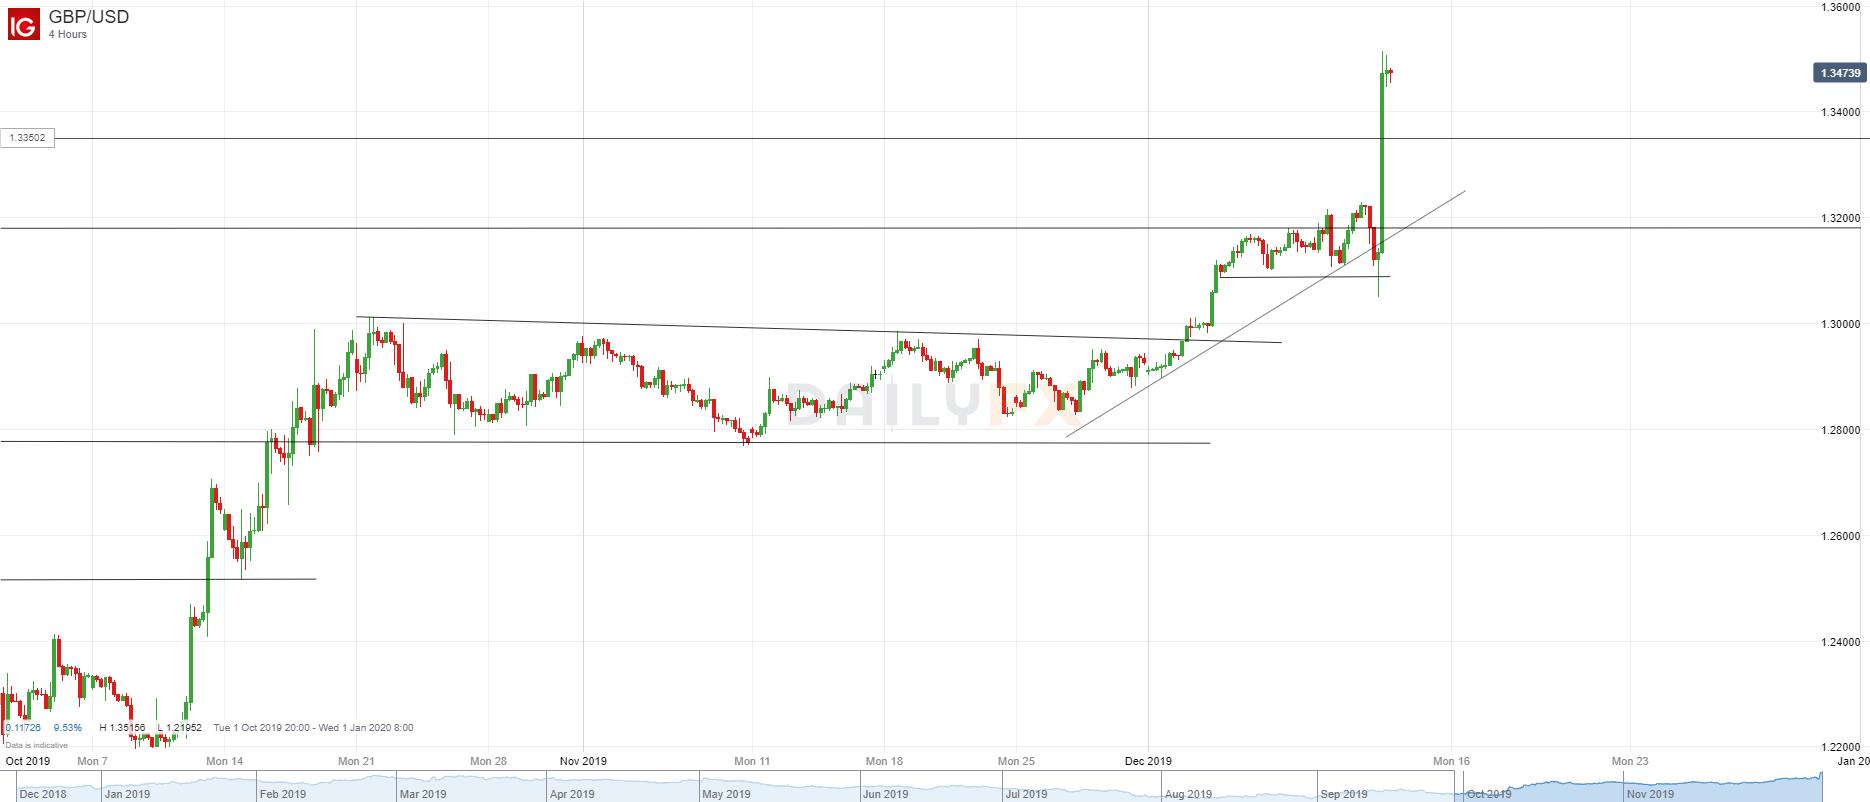 英鎊/美元技術分析:一舉上破3月高點,但多頭在大漲前觸及上調後的止損